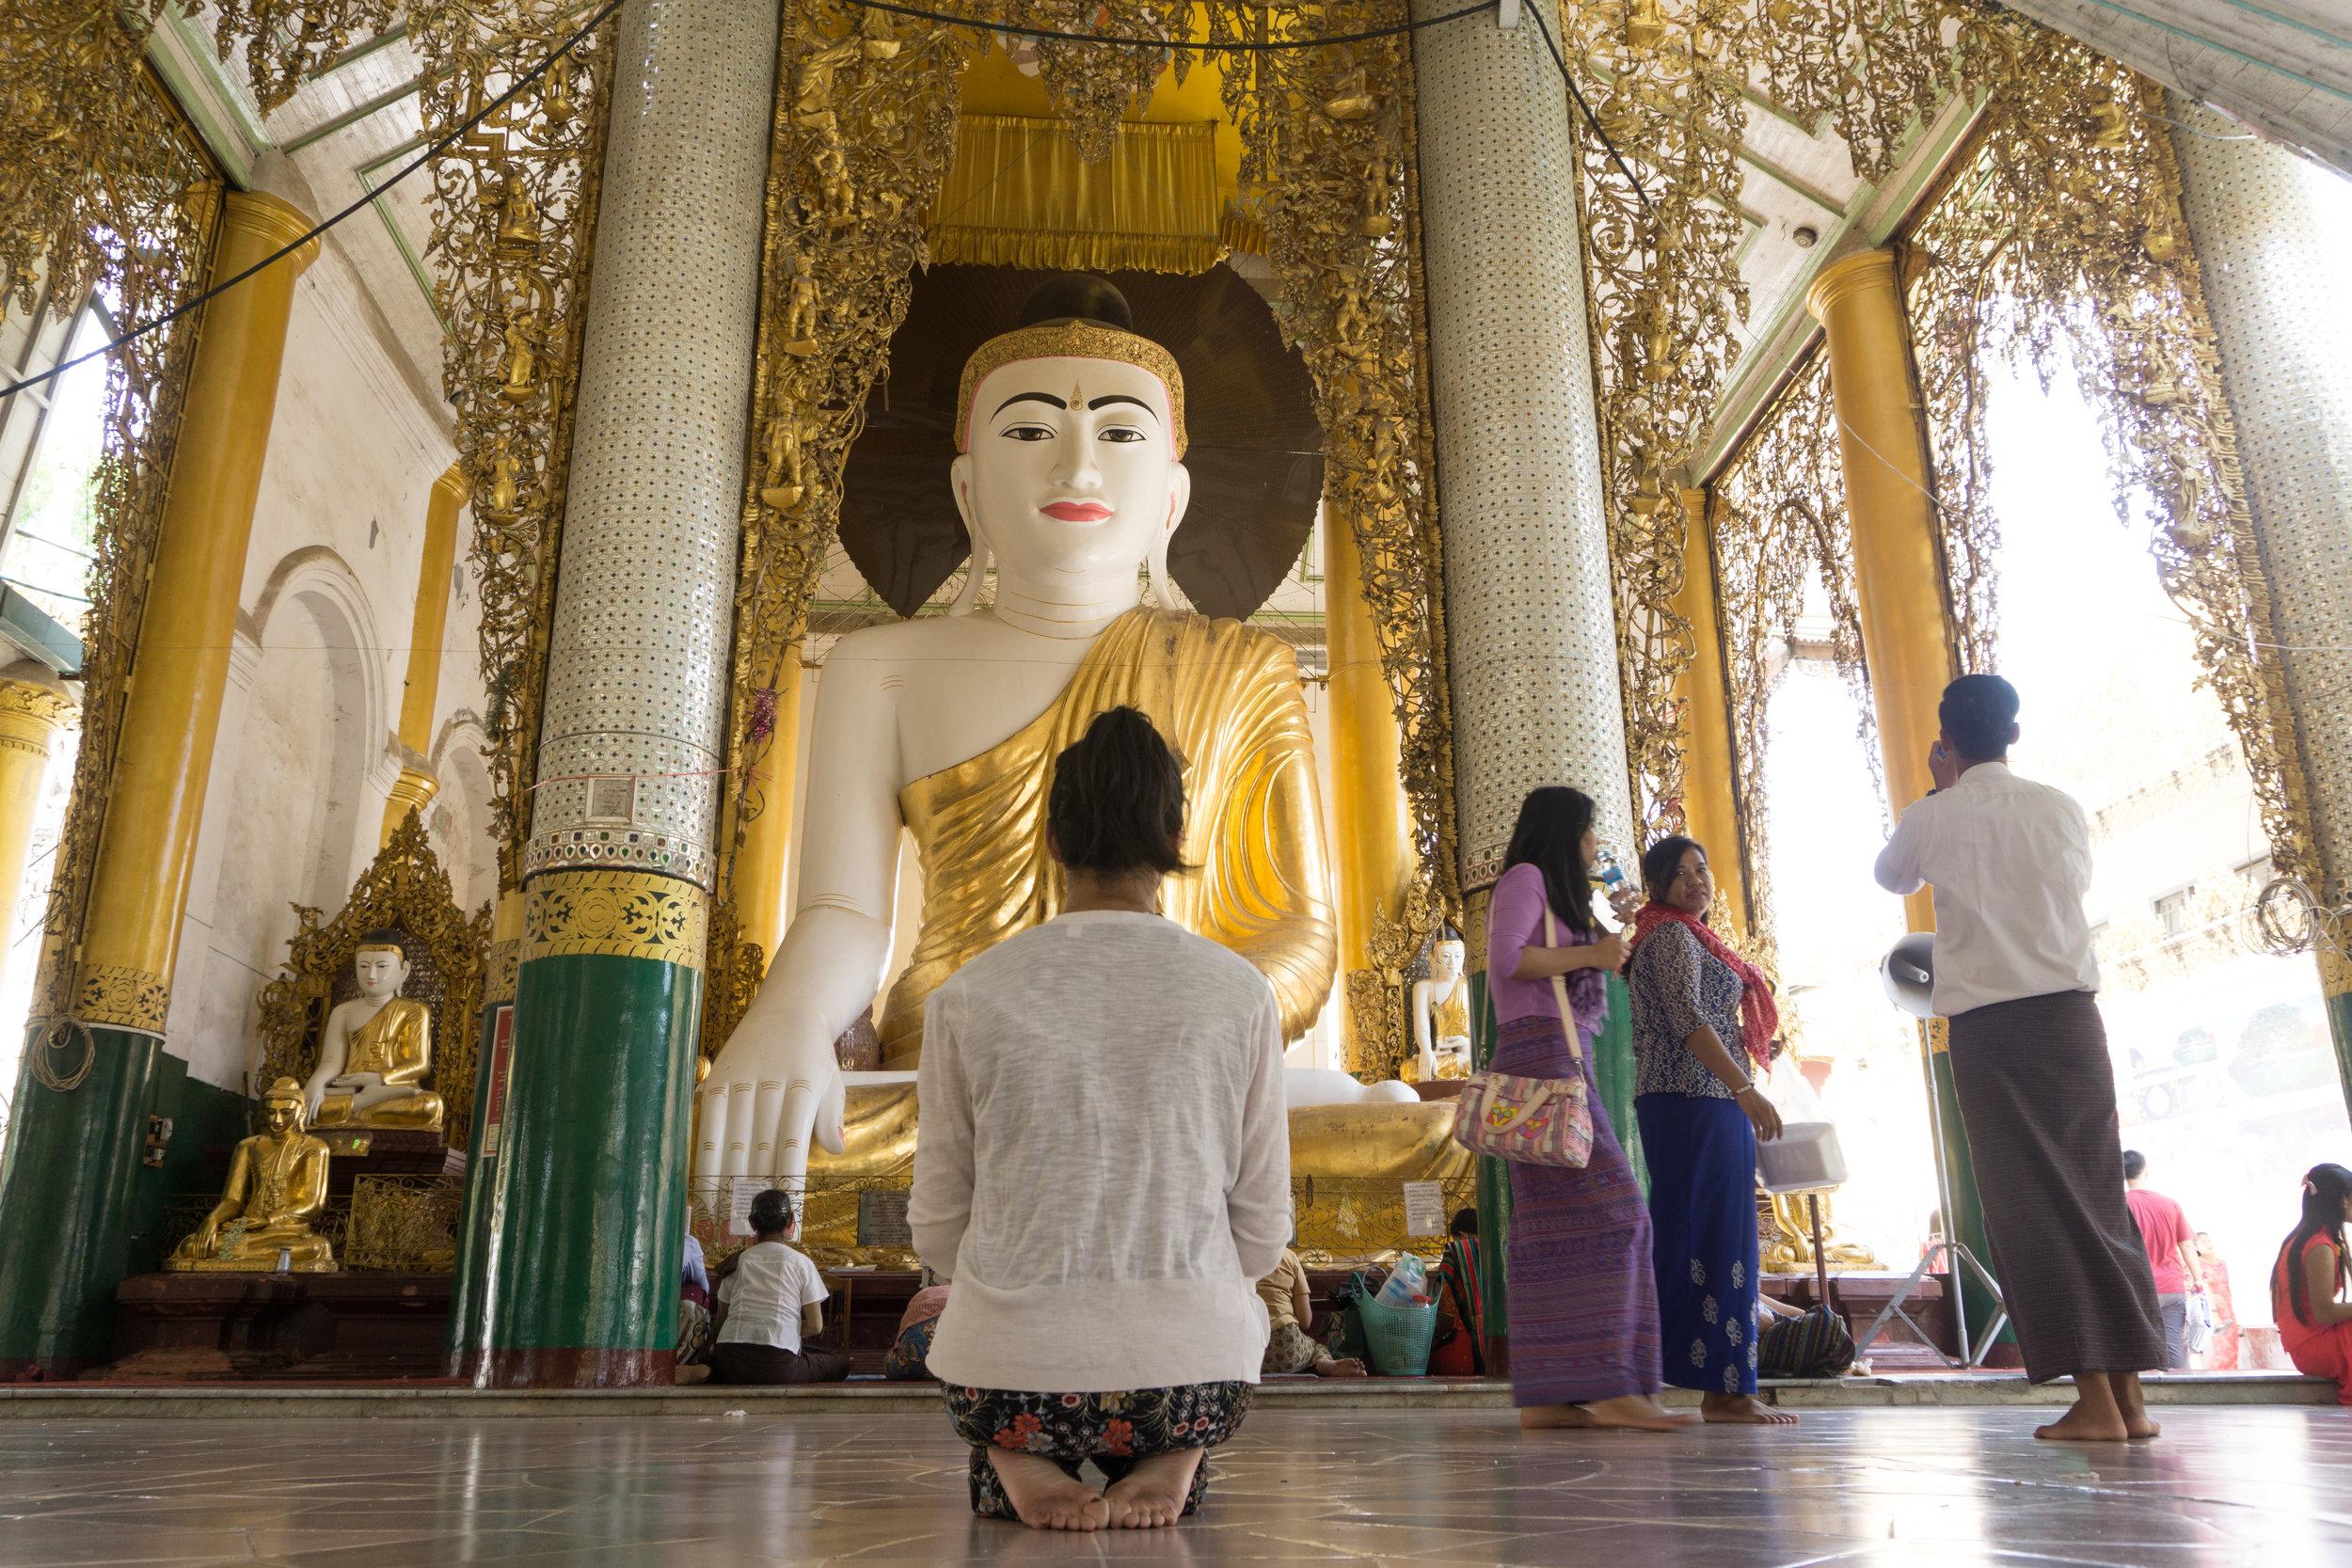 One of many Buddhas at Shwedagon